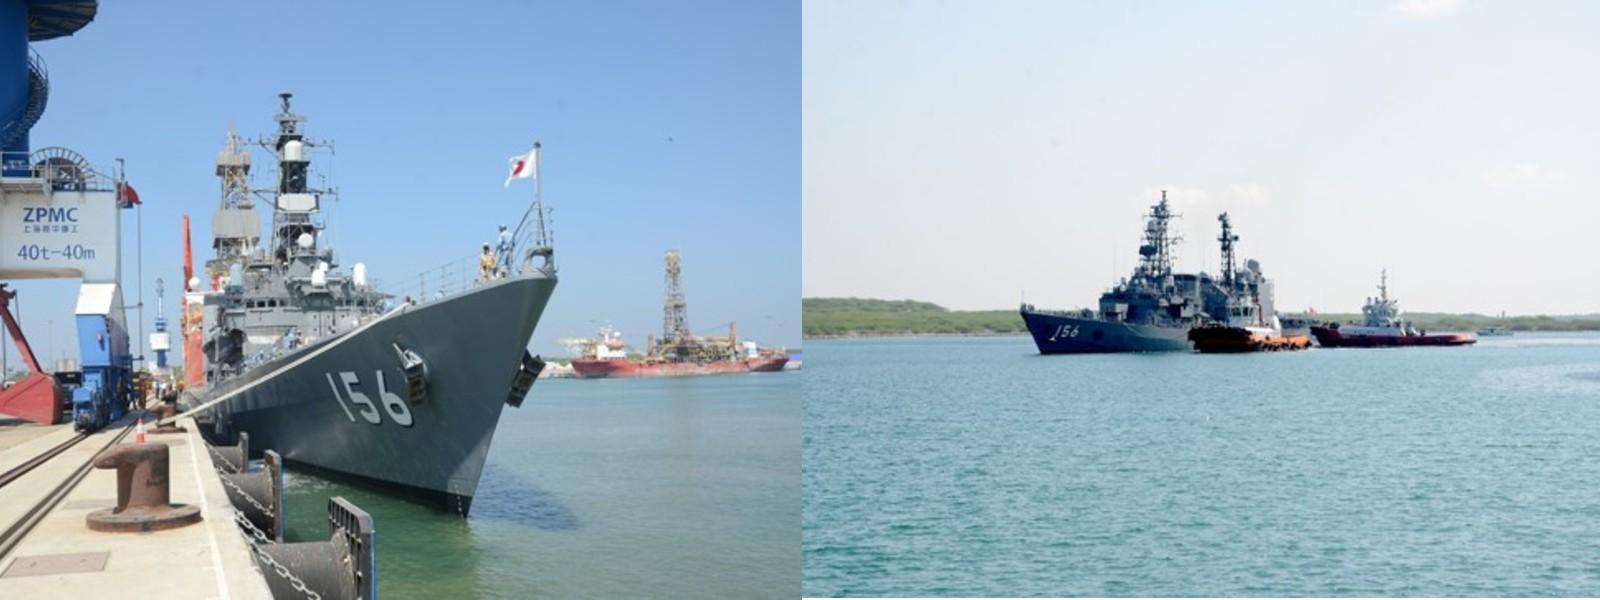 (PICTURES) Japanese MSDF destroyer leaves Sri Lanka